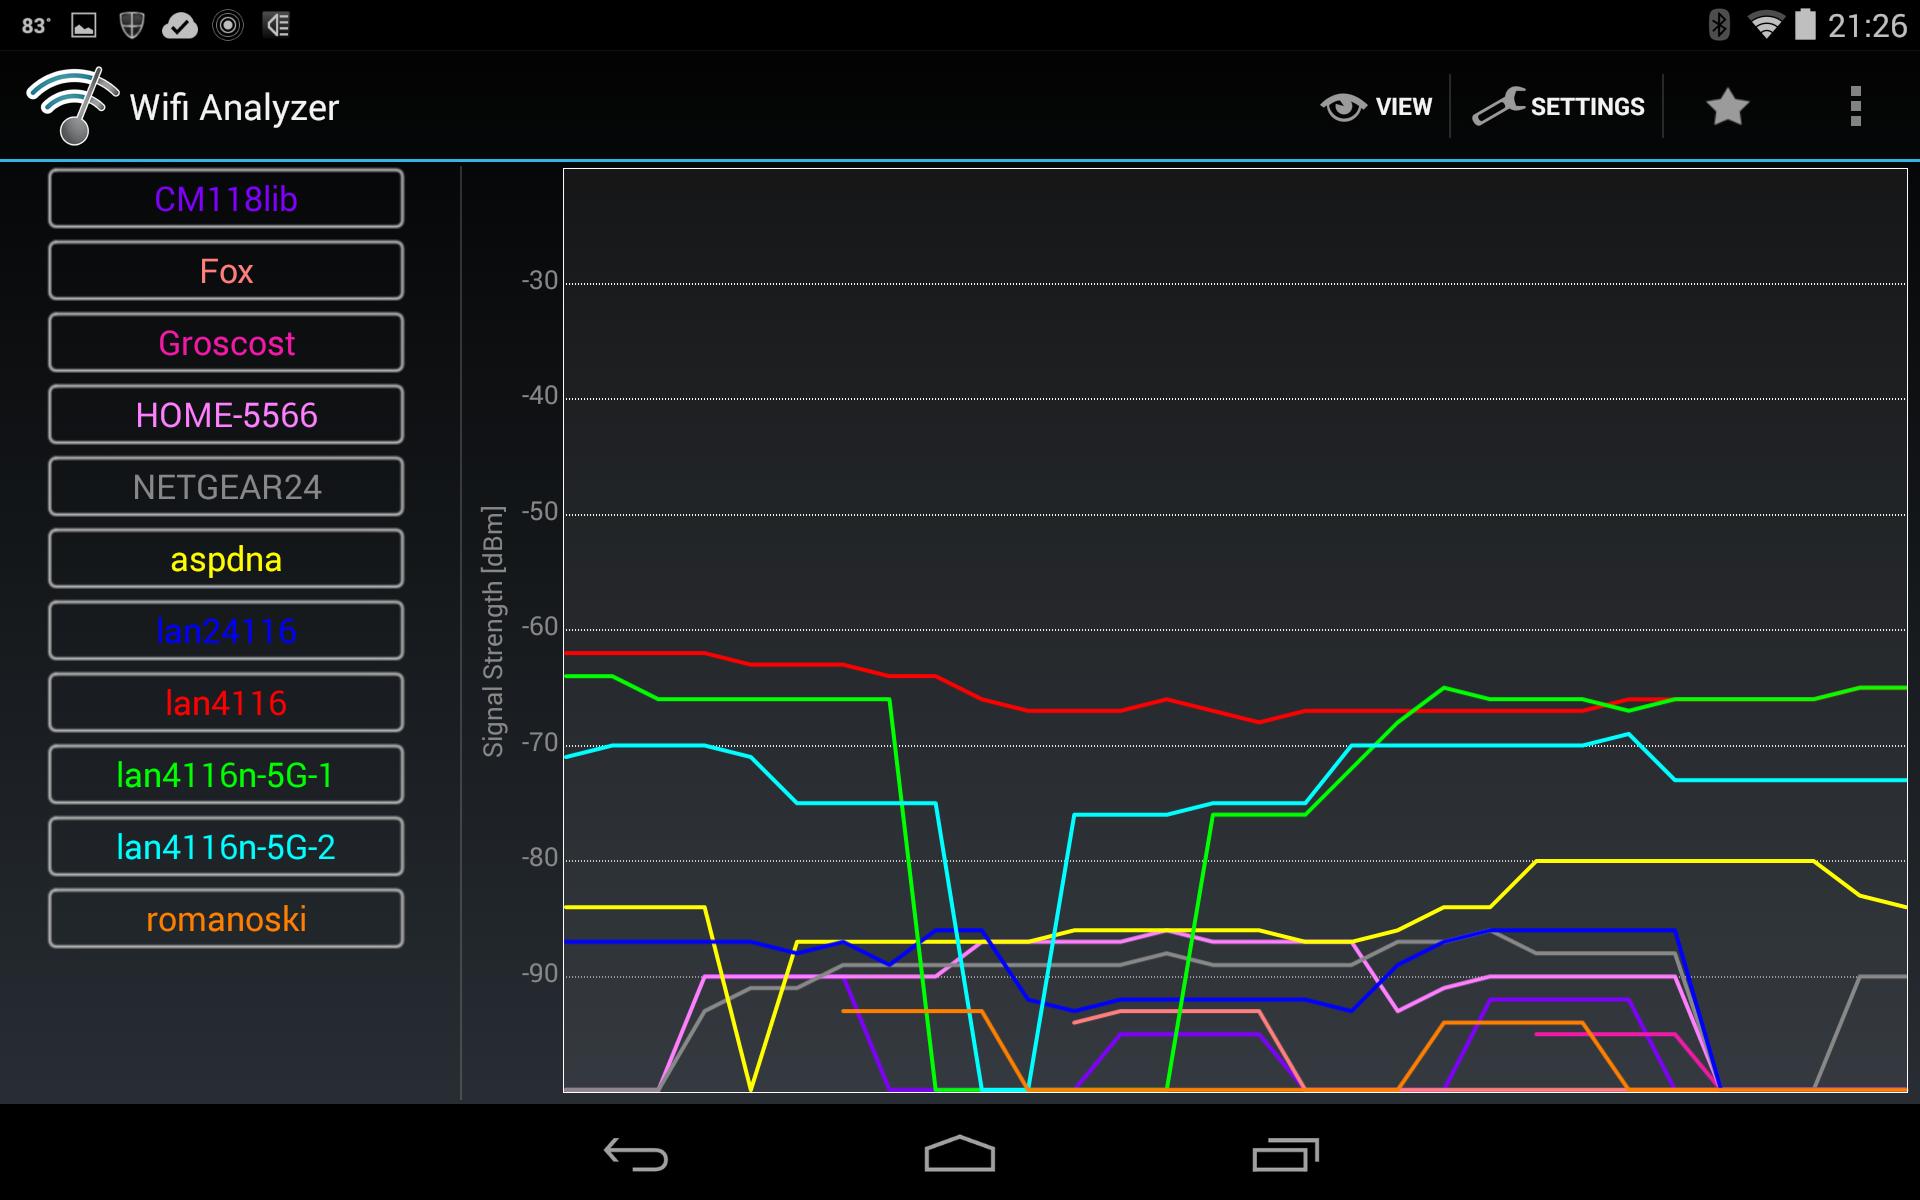 On Nexus 7